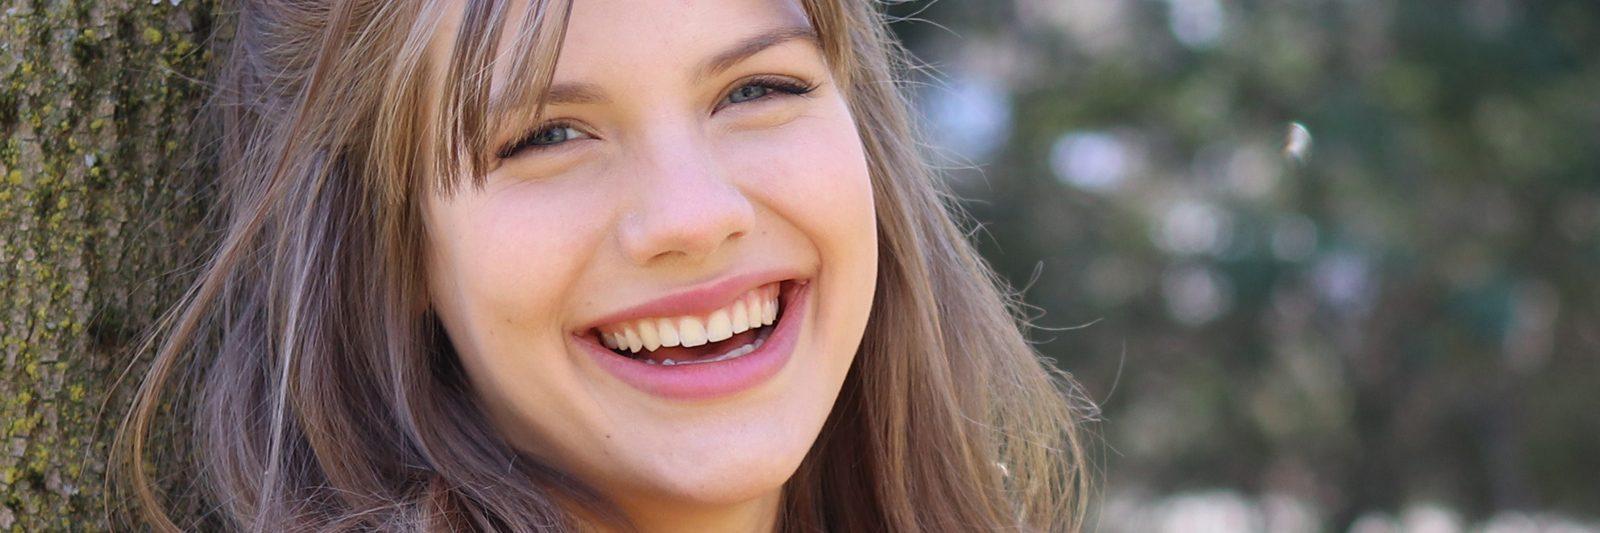 Naturlige tænder og deres anatomi og struktur